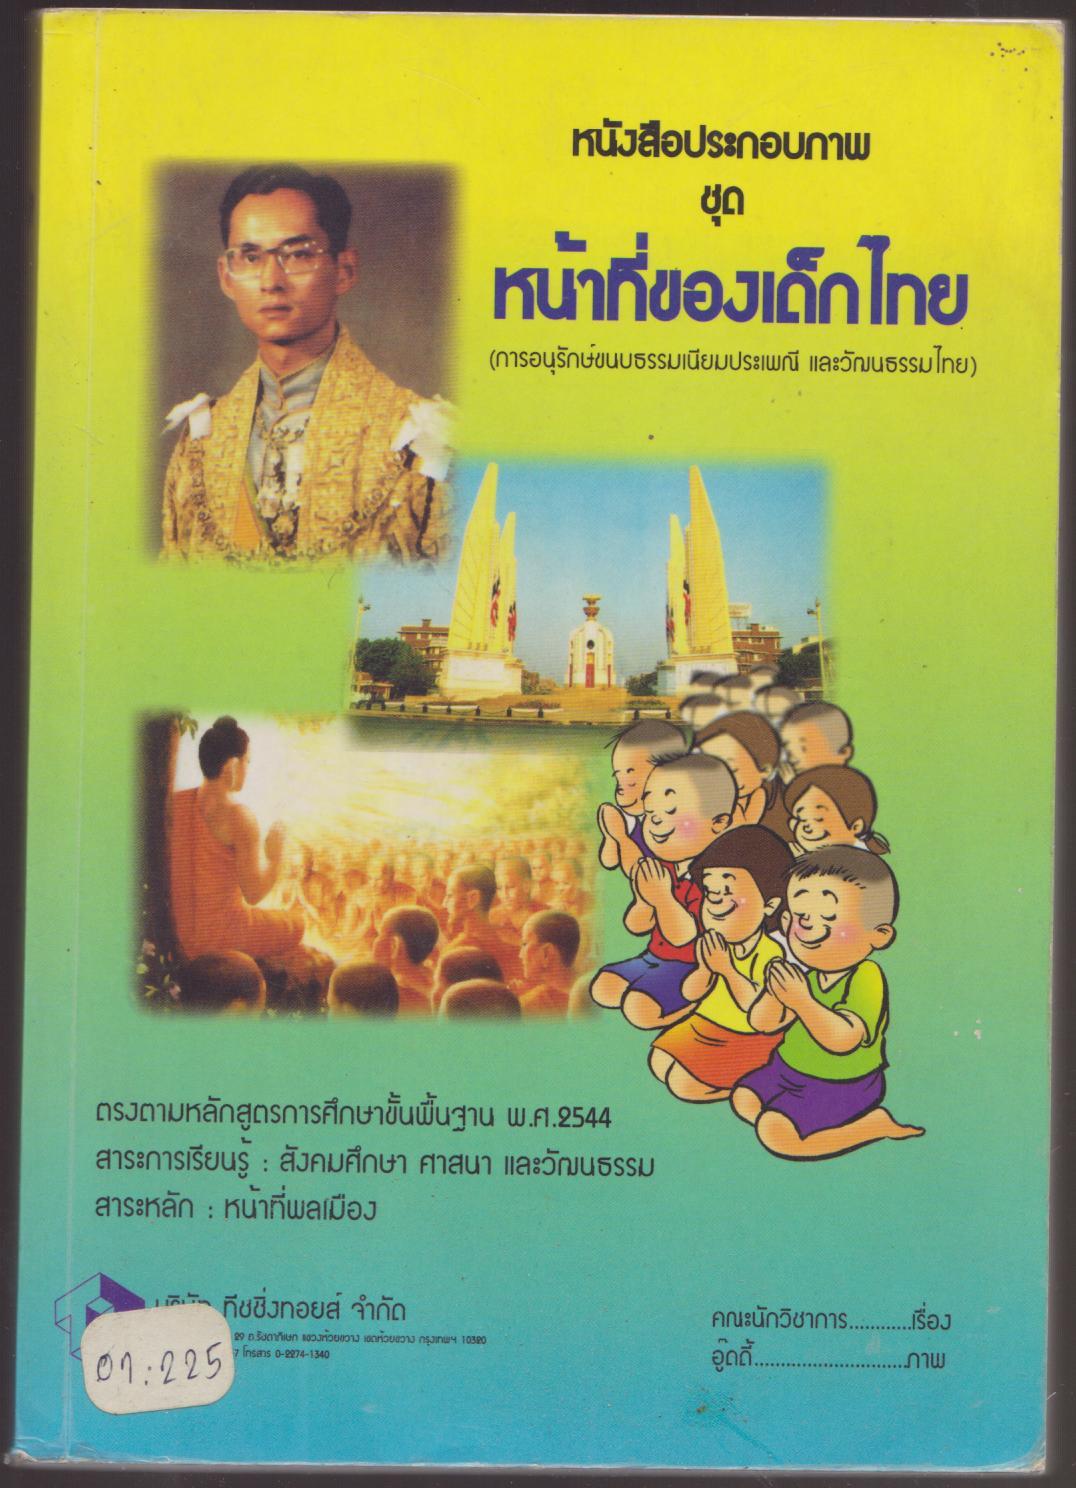 หนังสือประกอบภาพ ชุด หน้าที่ของเด็กไทย